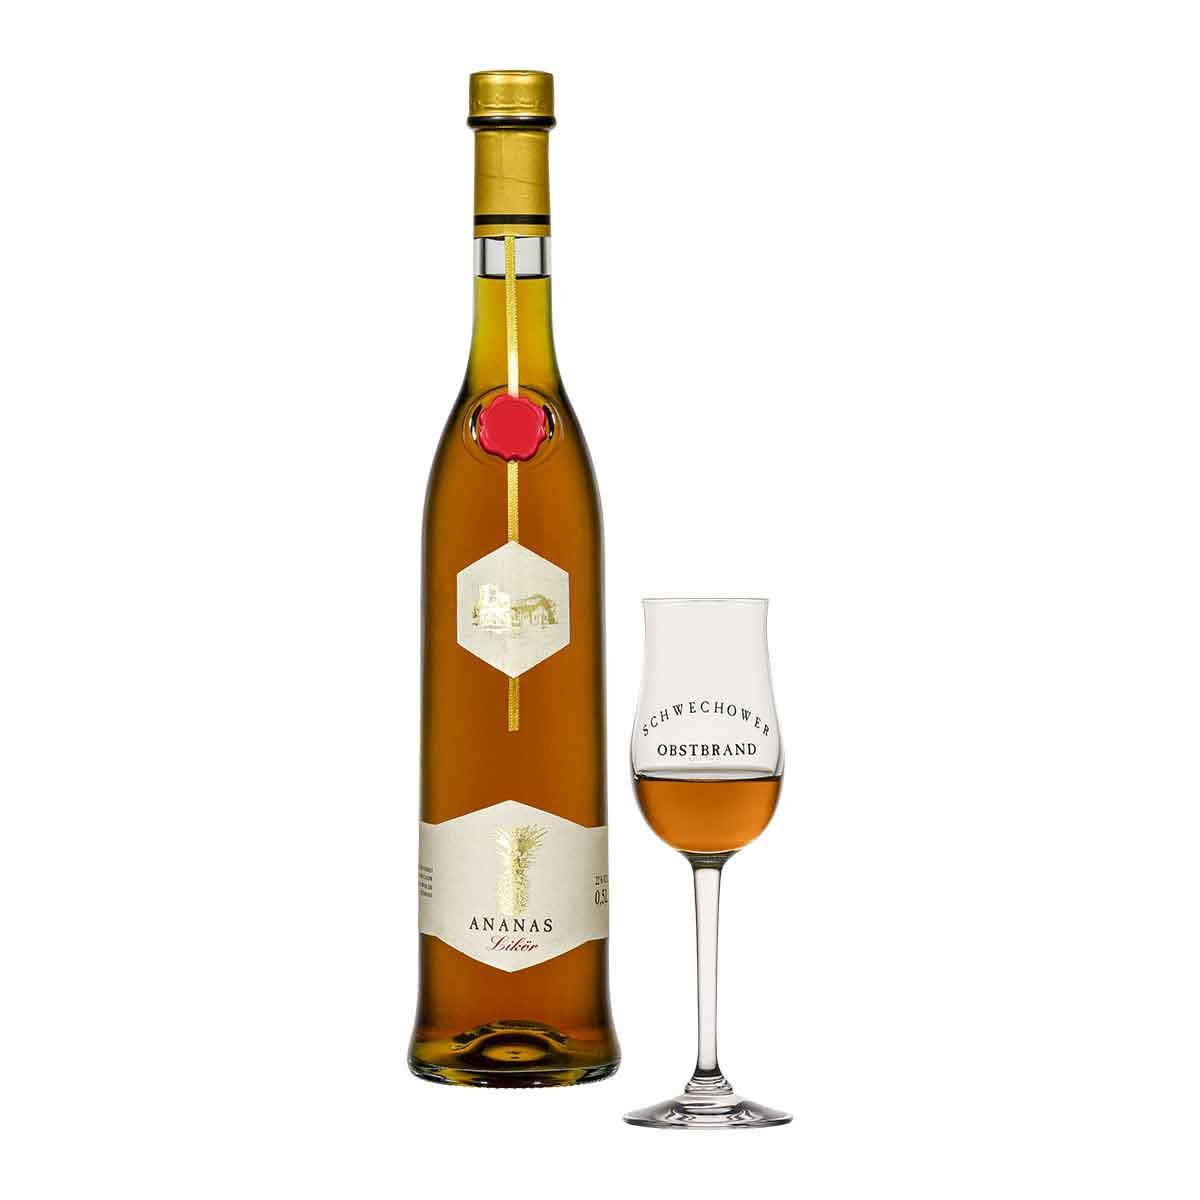 Schwechower-Ananas-Likoer-500ml-1